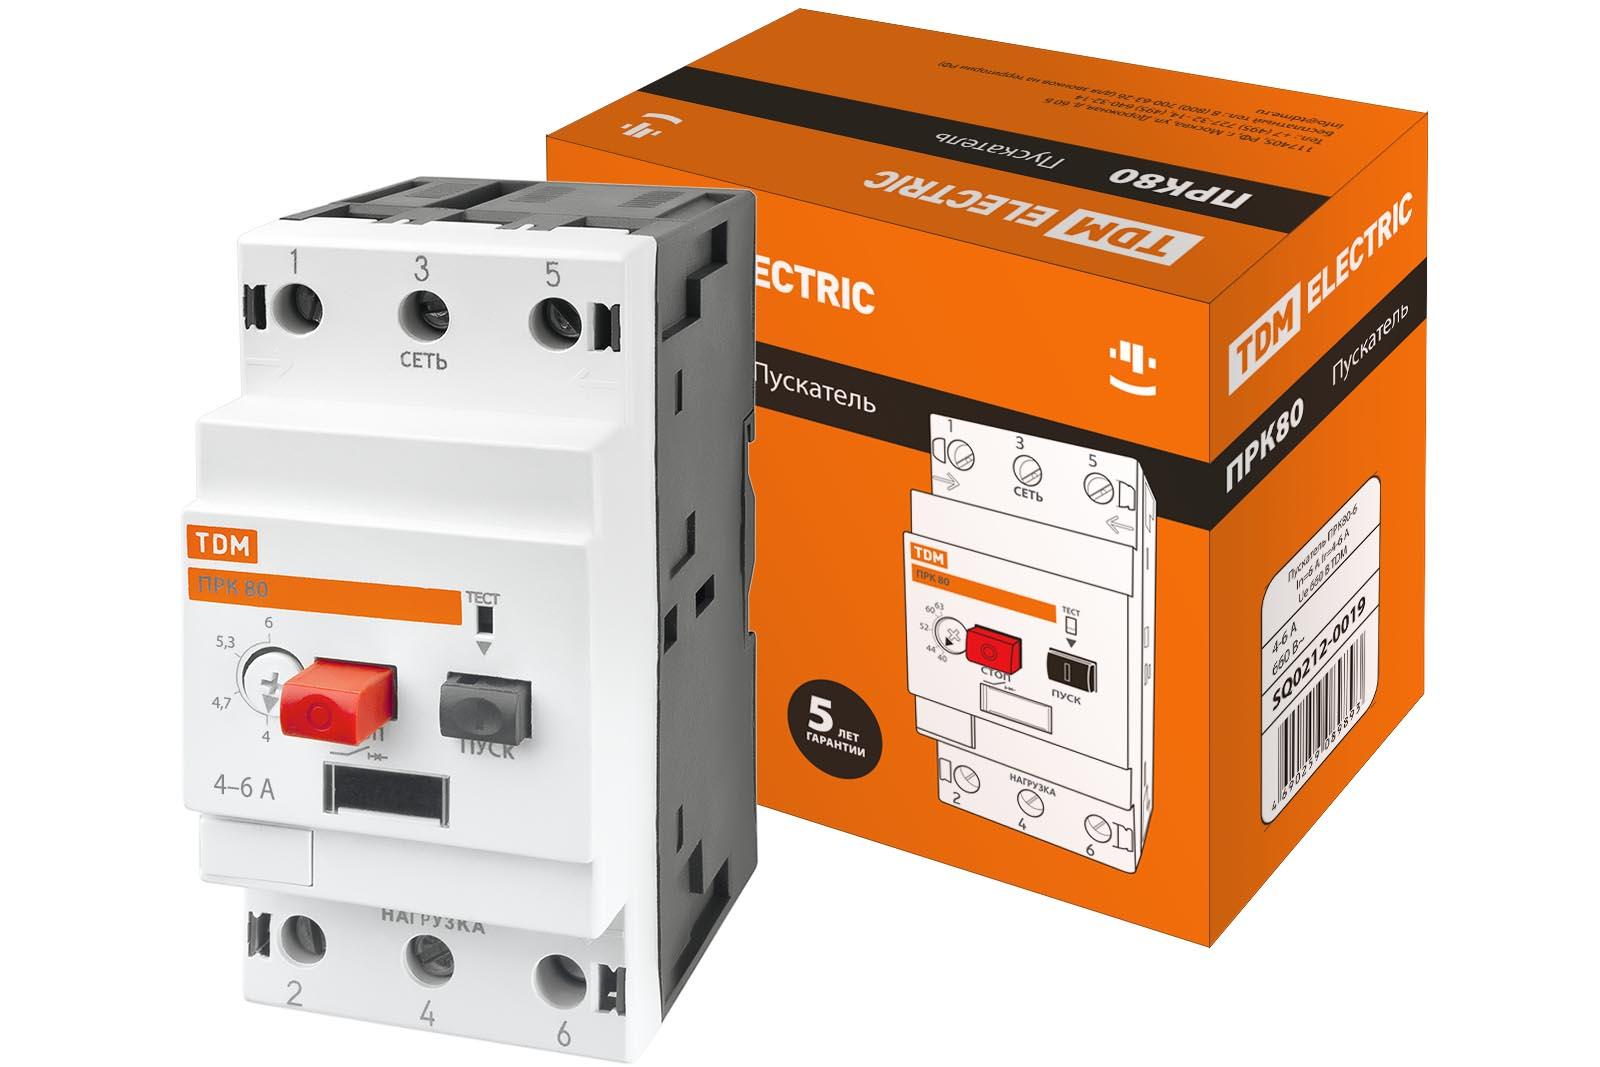 Пускатель Tdm Sq0212-0019 пускатель tdm sq0212 0019